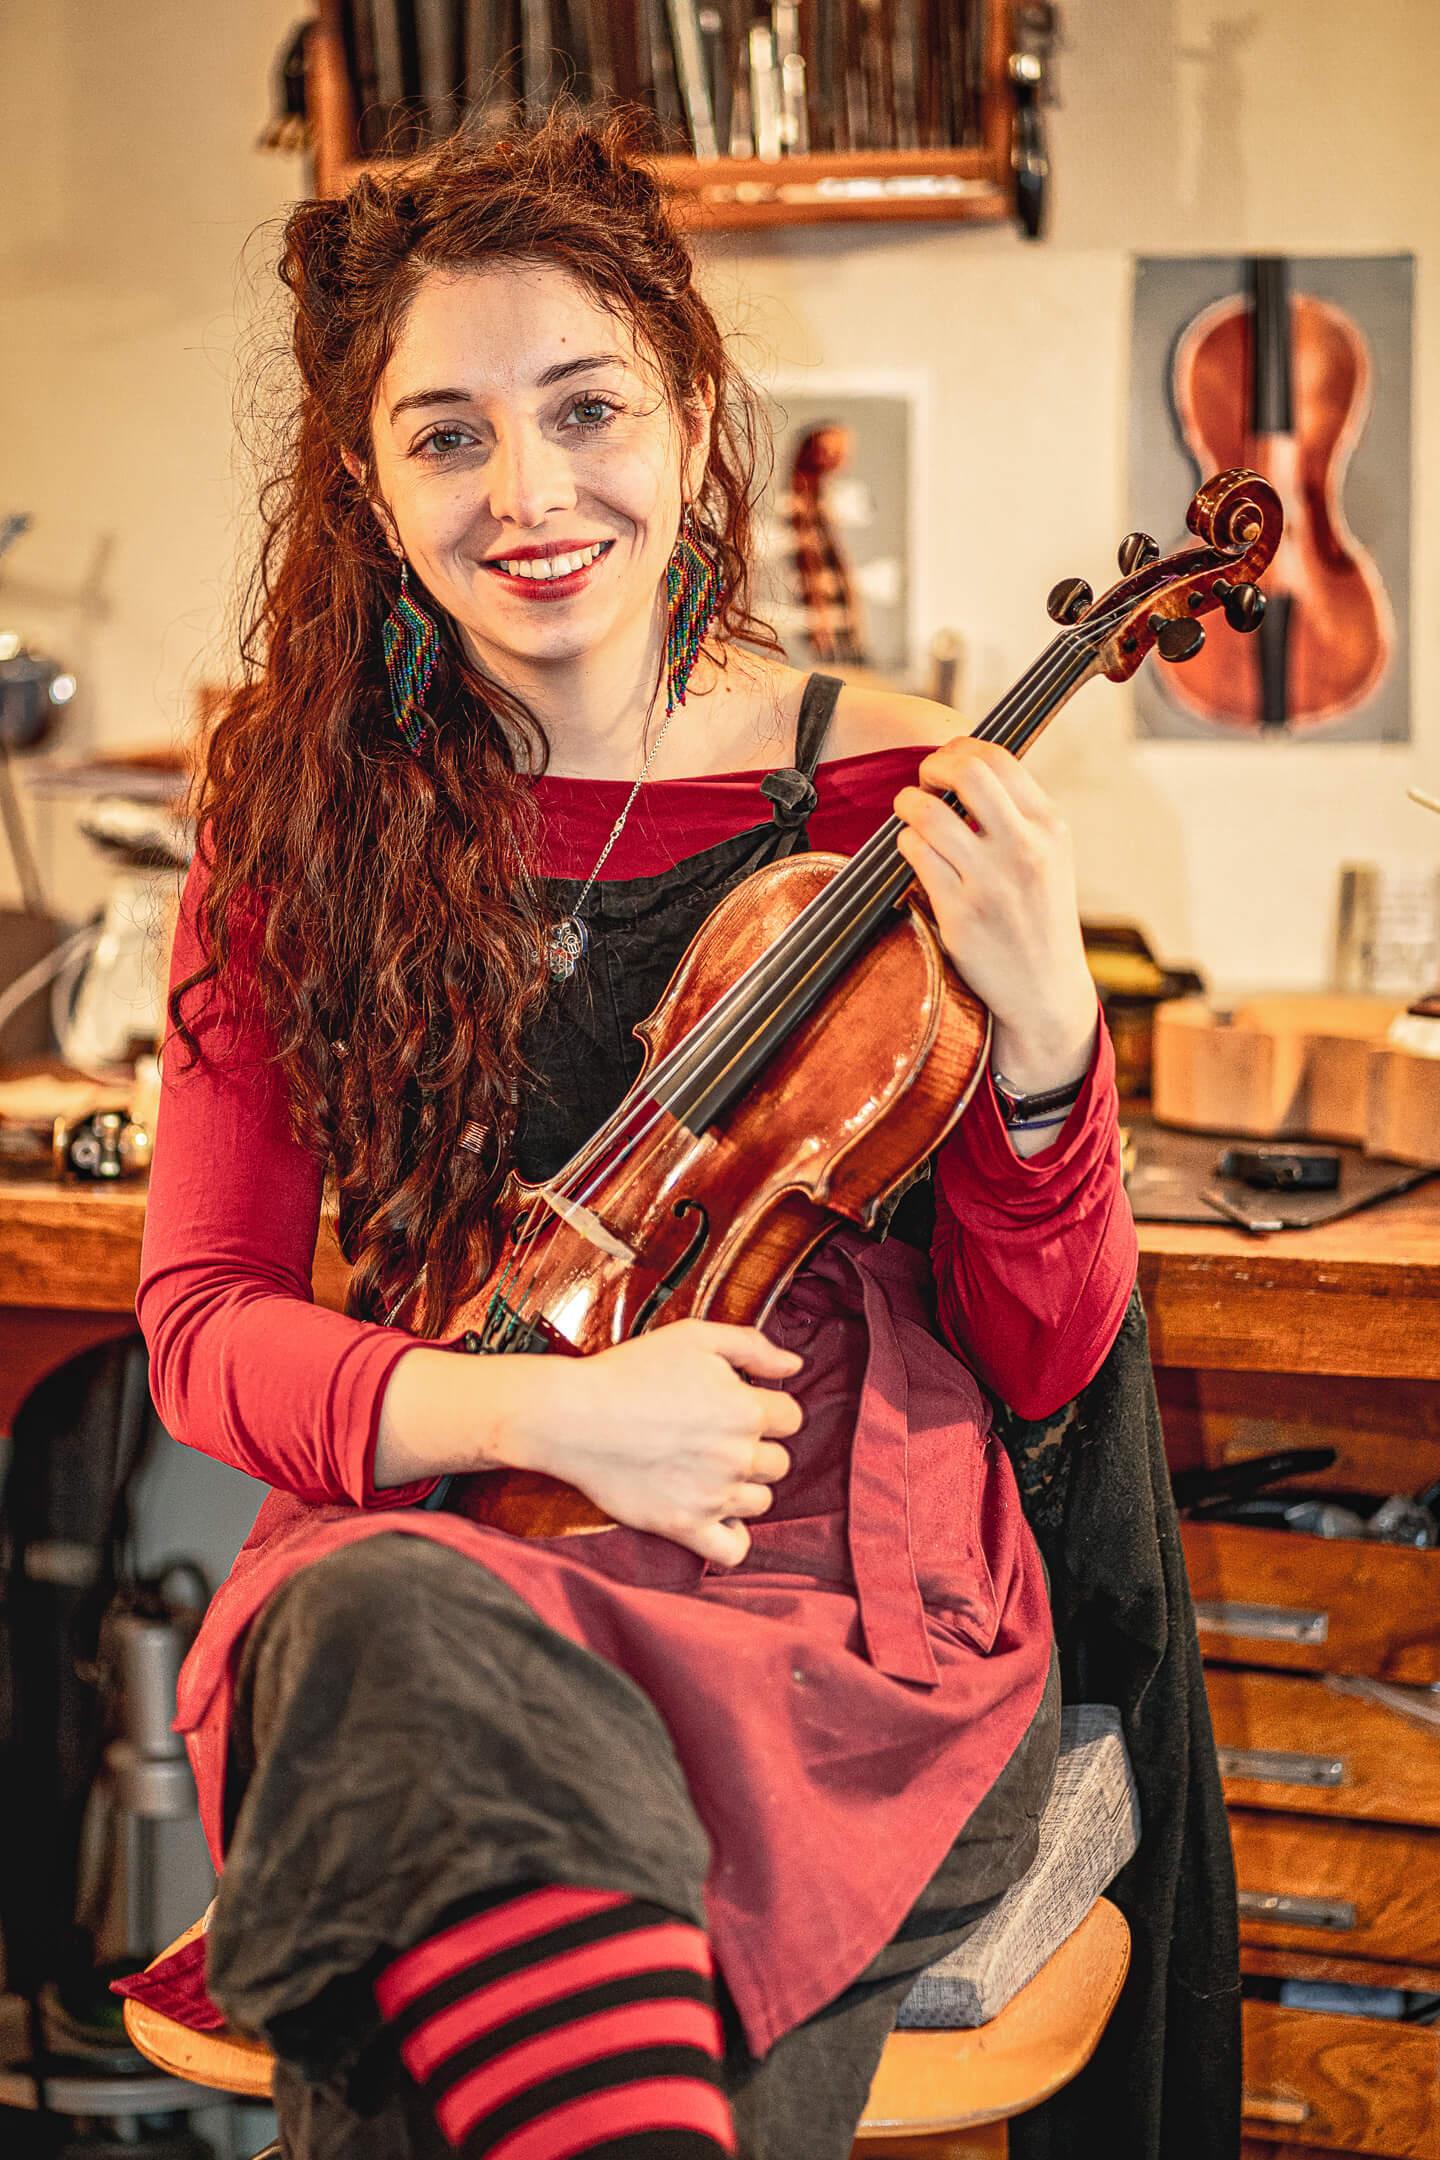 Geigenbauerin Pilar Nunez